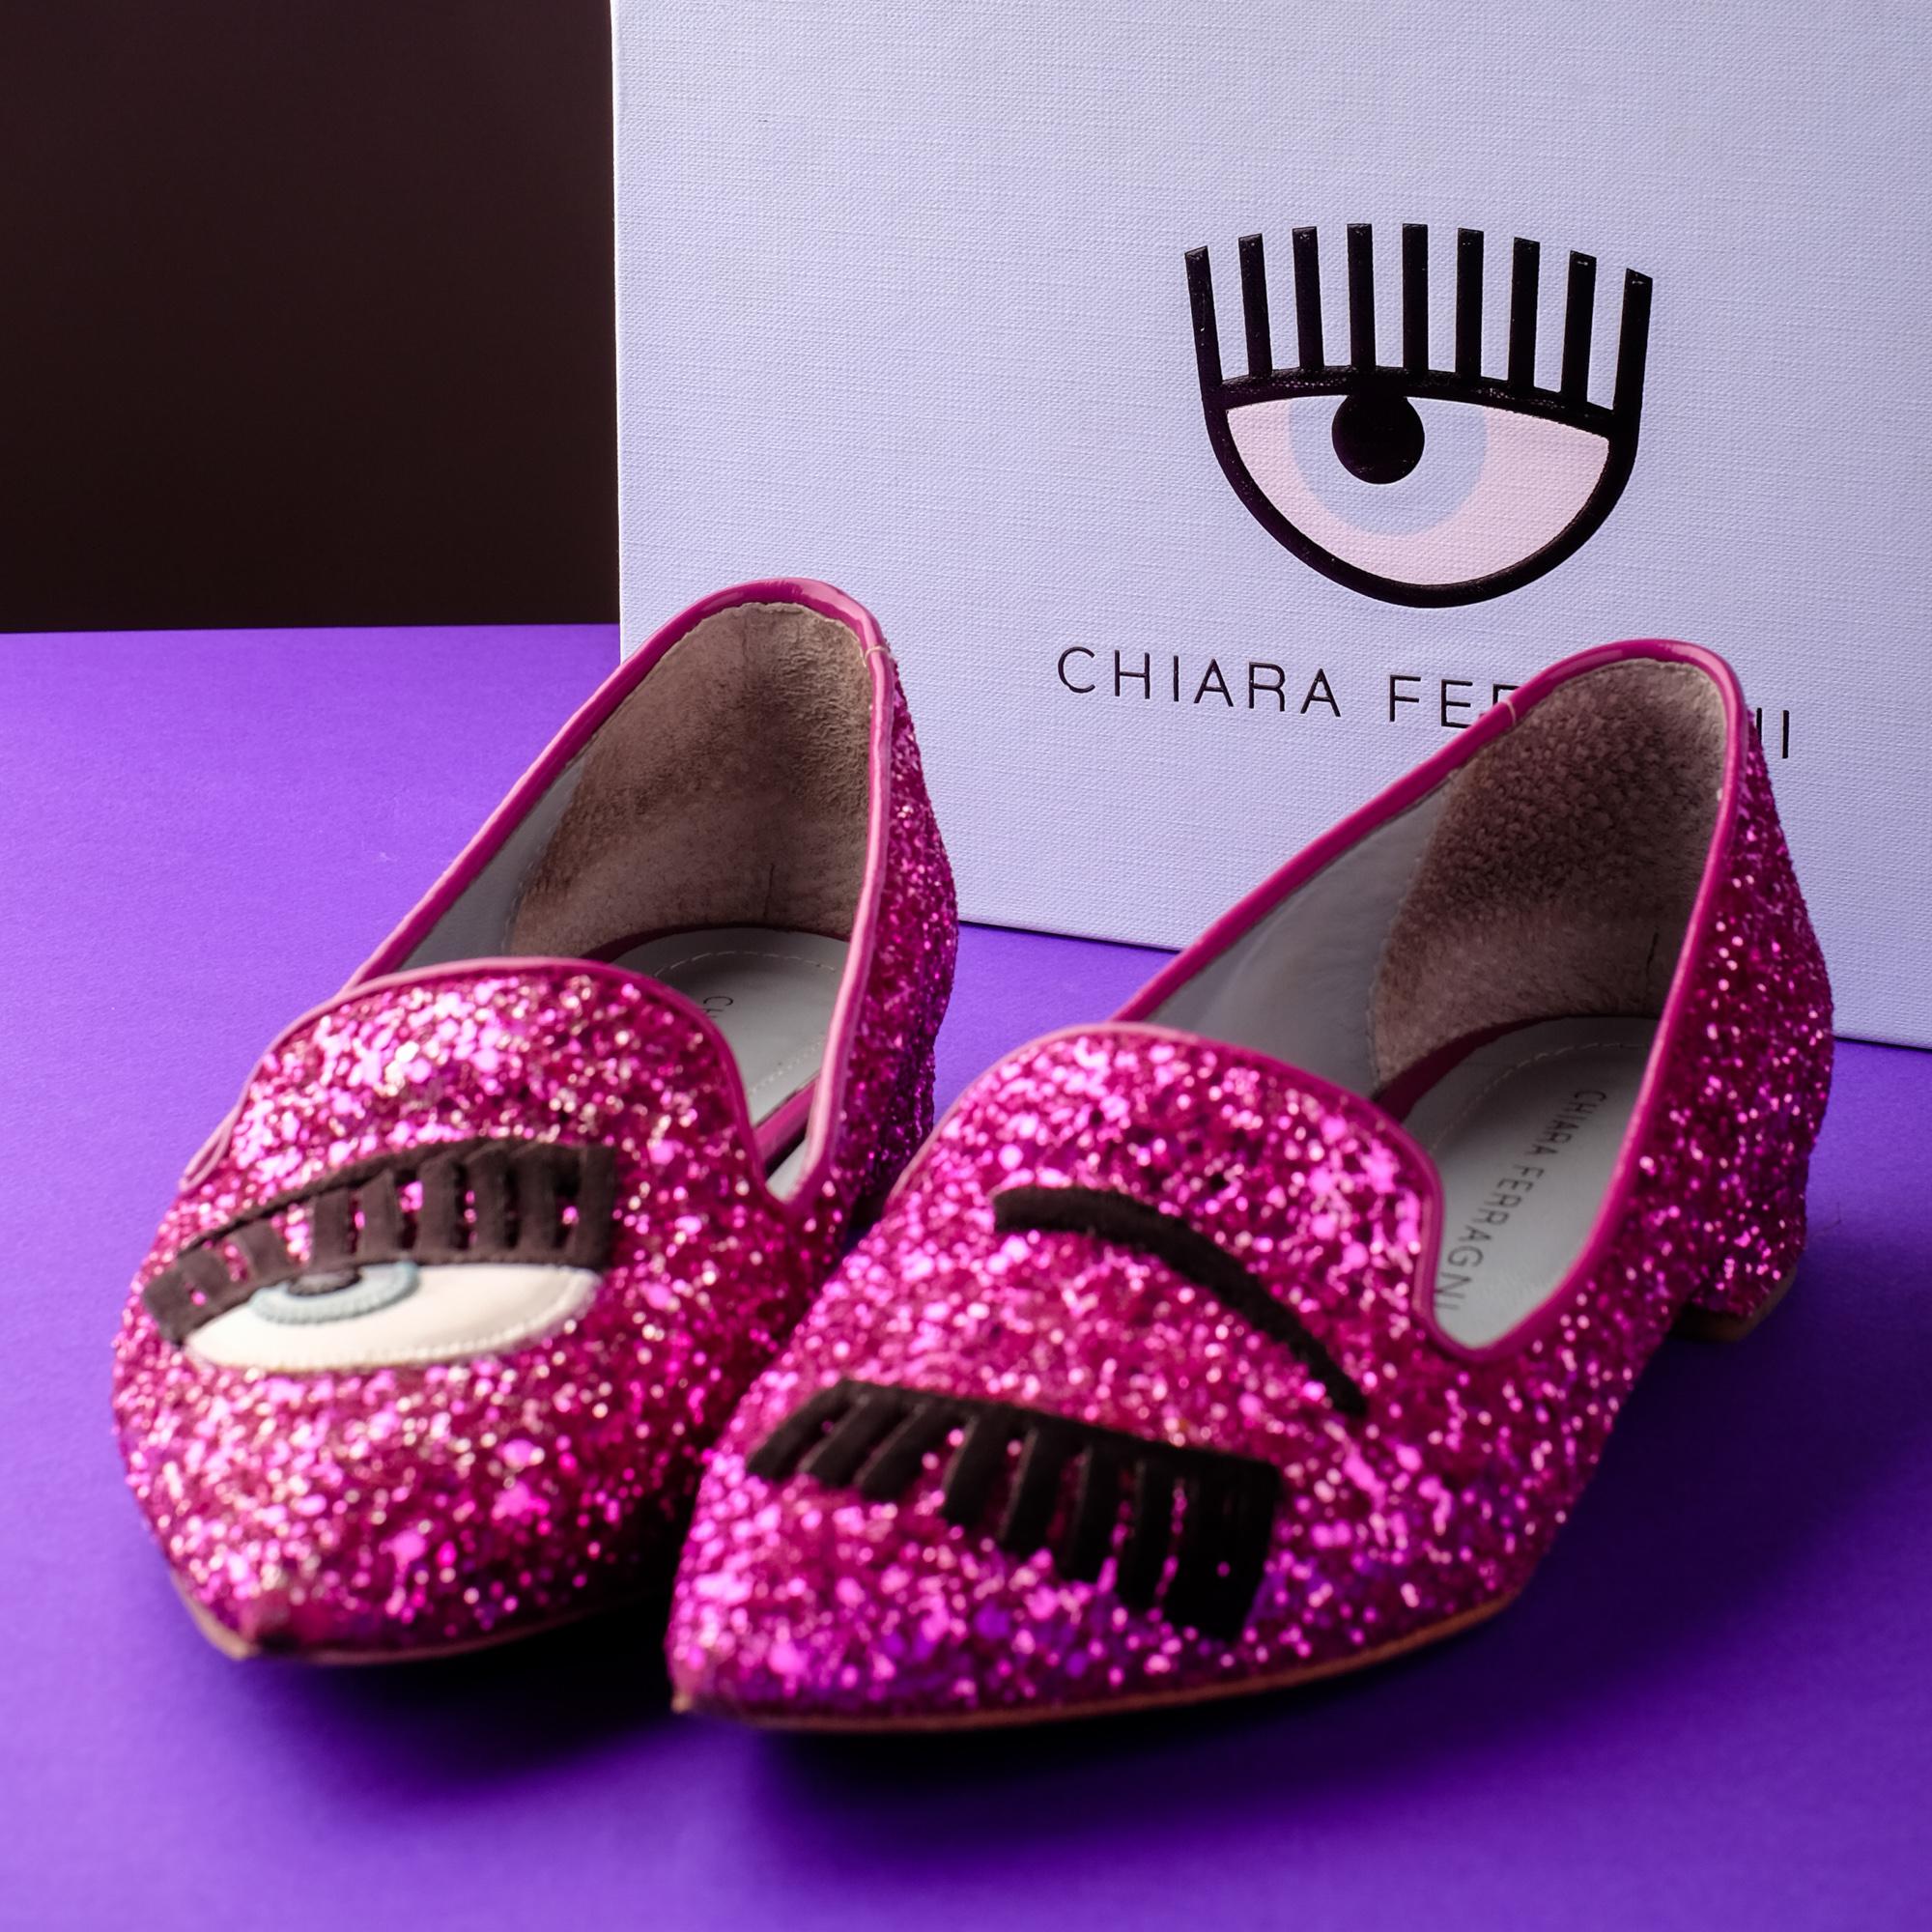 Chiara_slippers-5